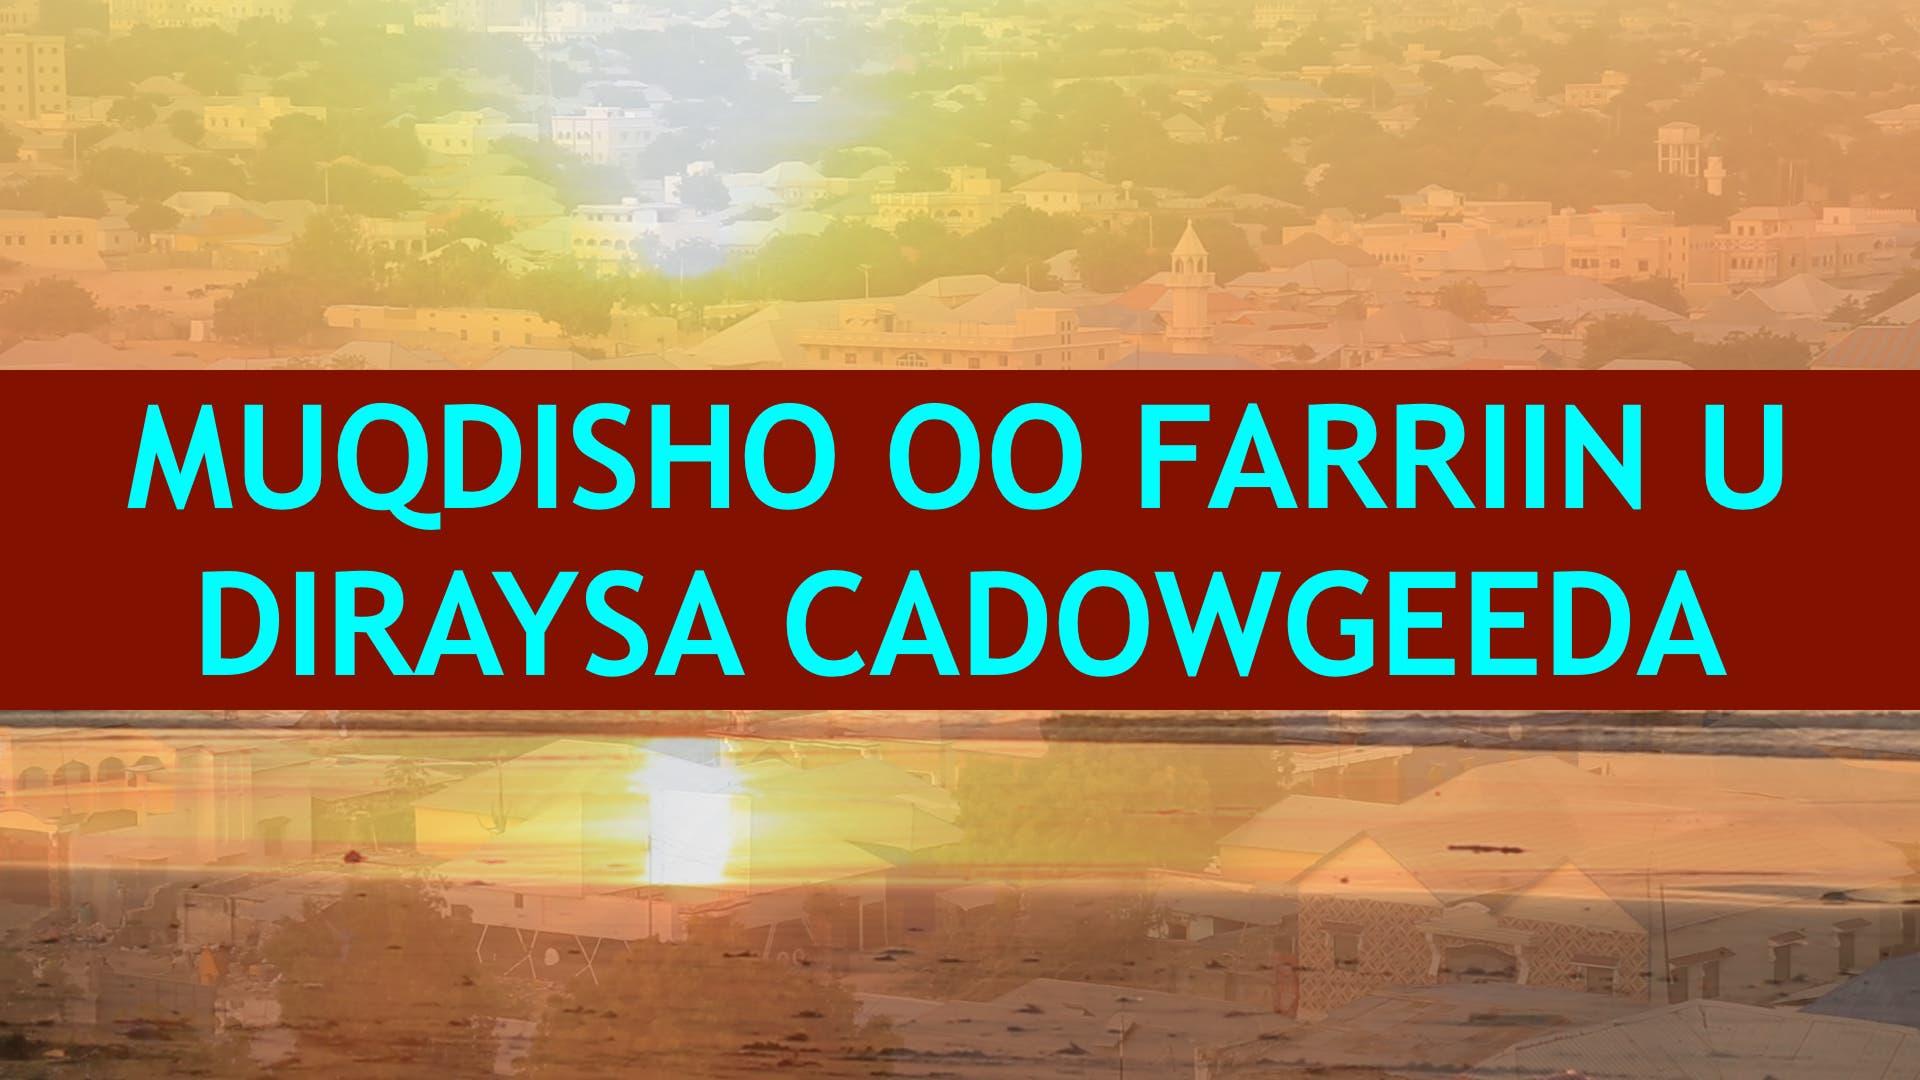 Video: Muqdisho oo farriin u diraysa cadowgeeda